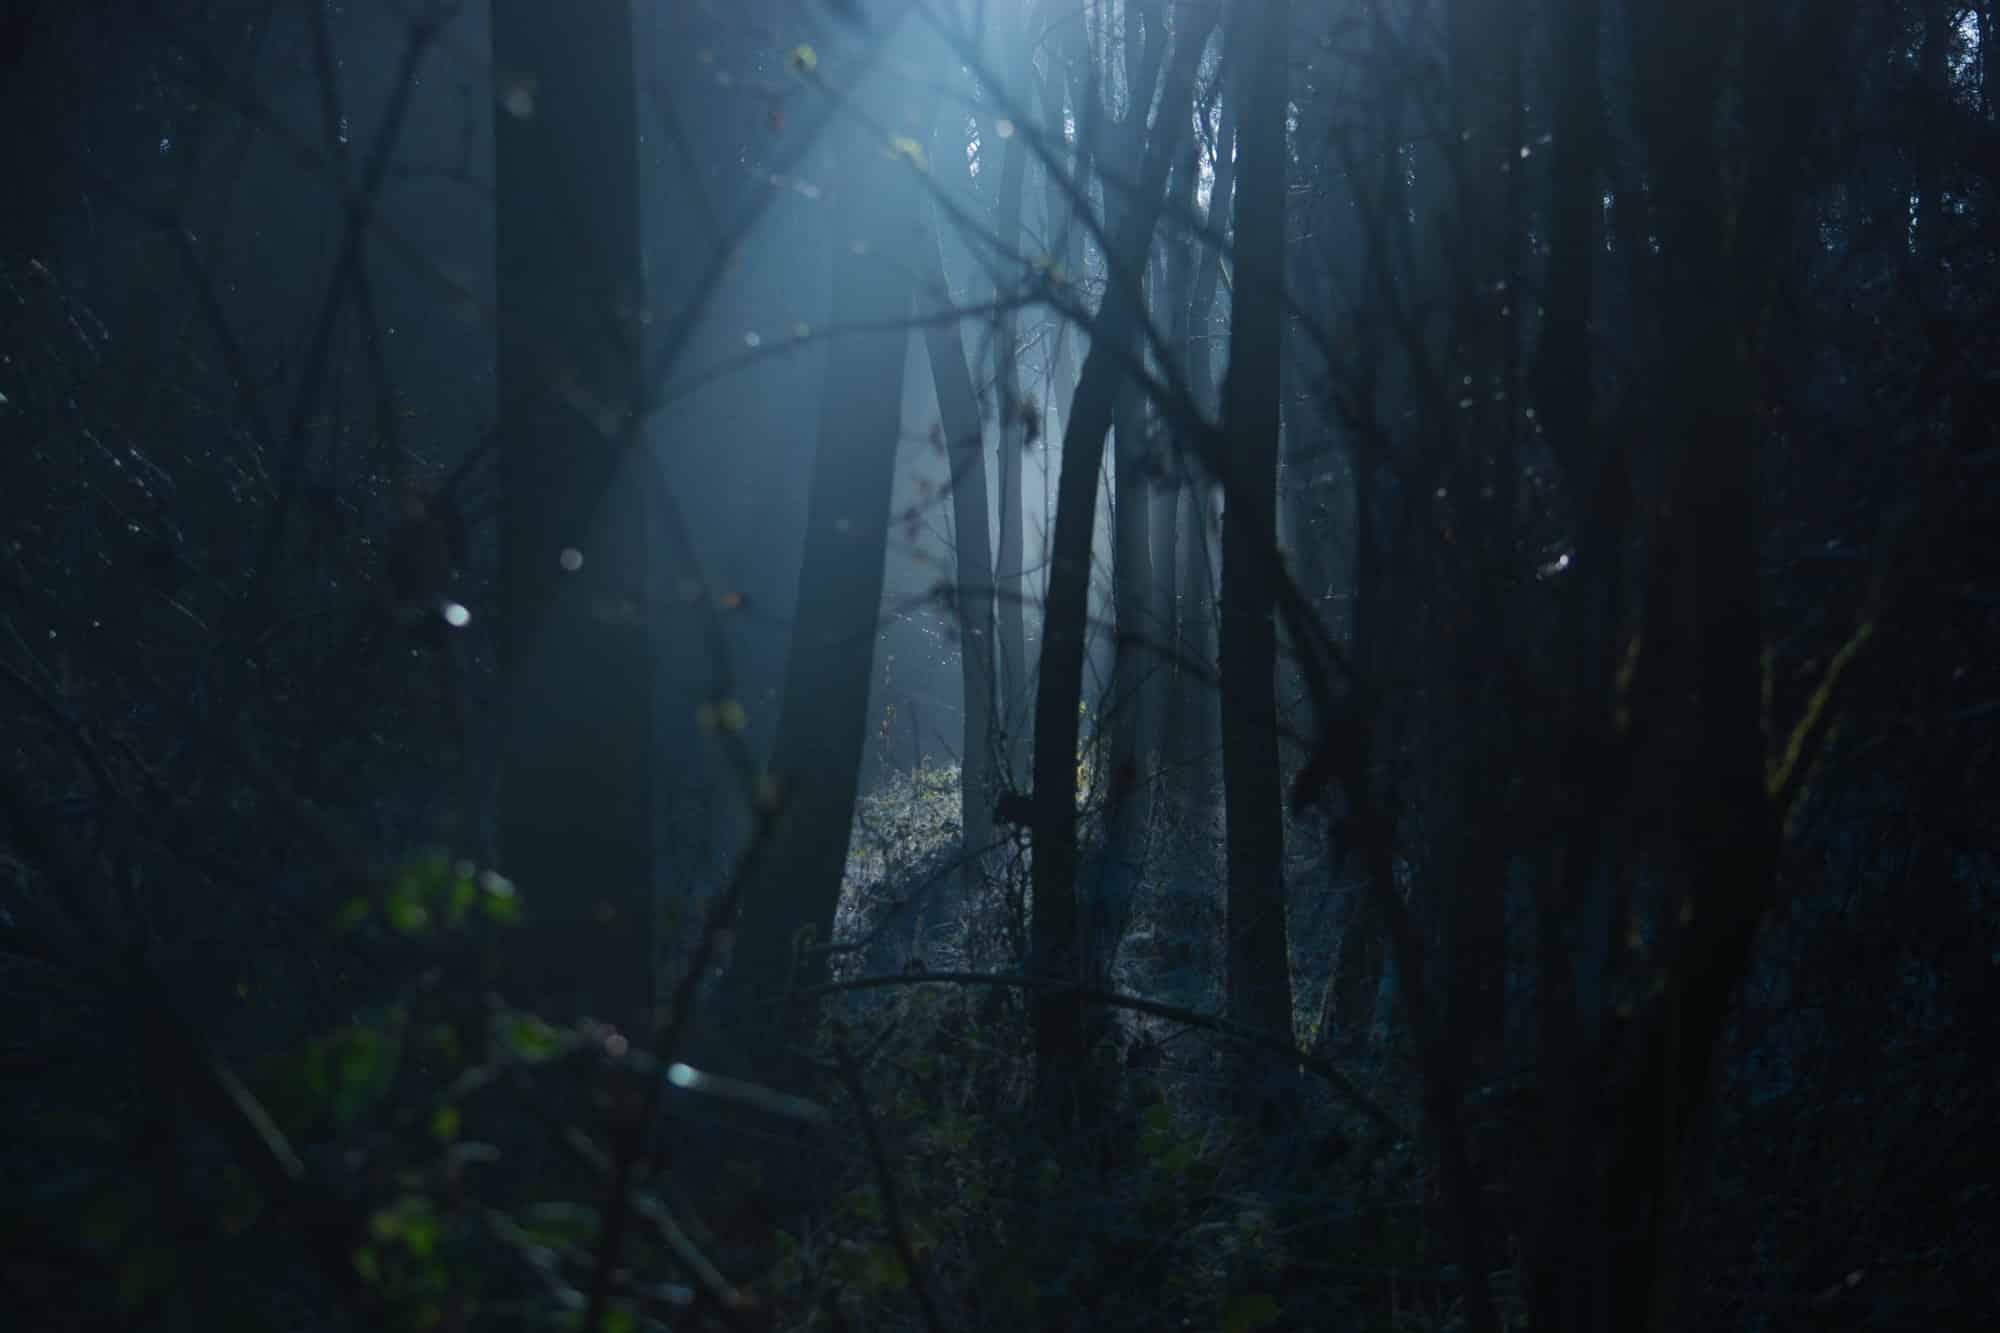 Arcanum-background-image